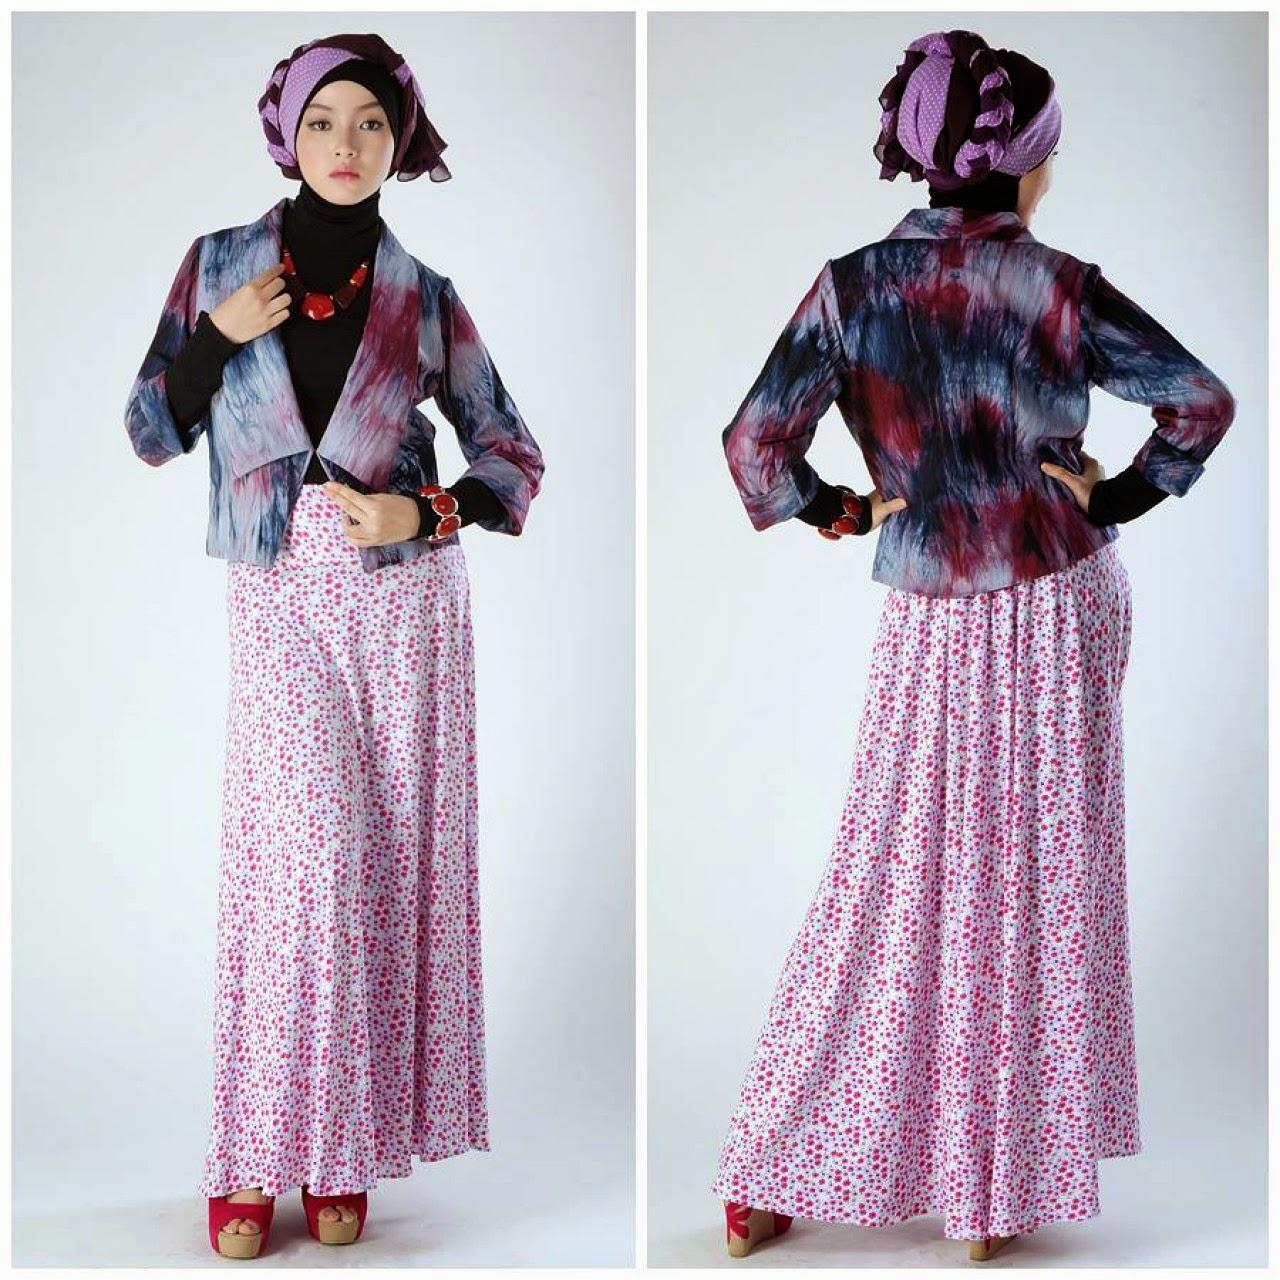 Gambar Model Baju Atasan Lengan Panjang Terbaru Terkini Wanita ... dea06a98f6